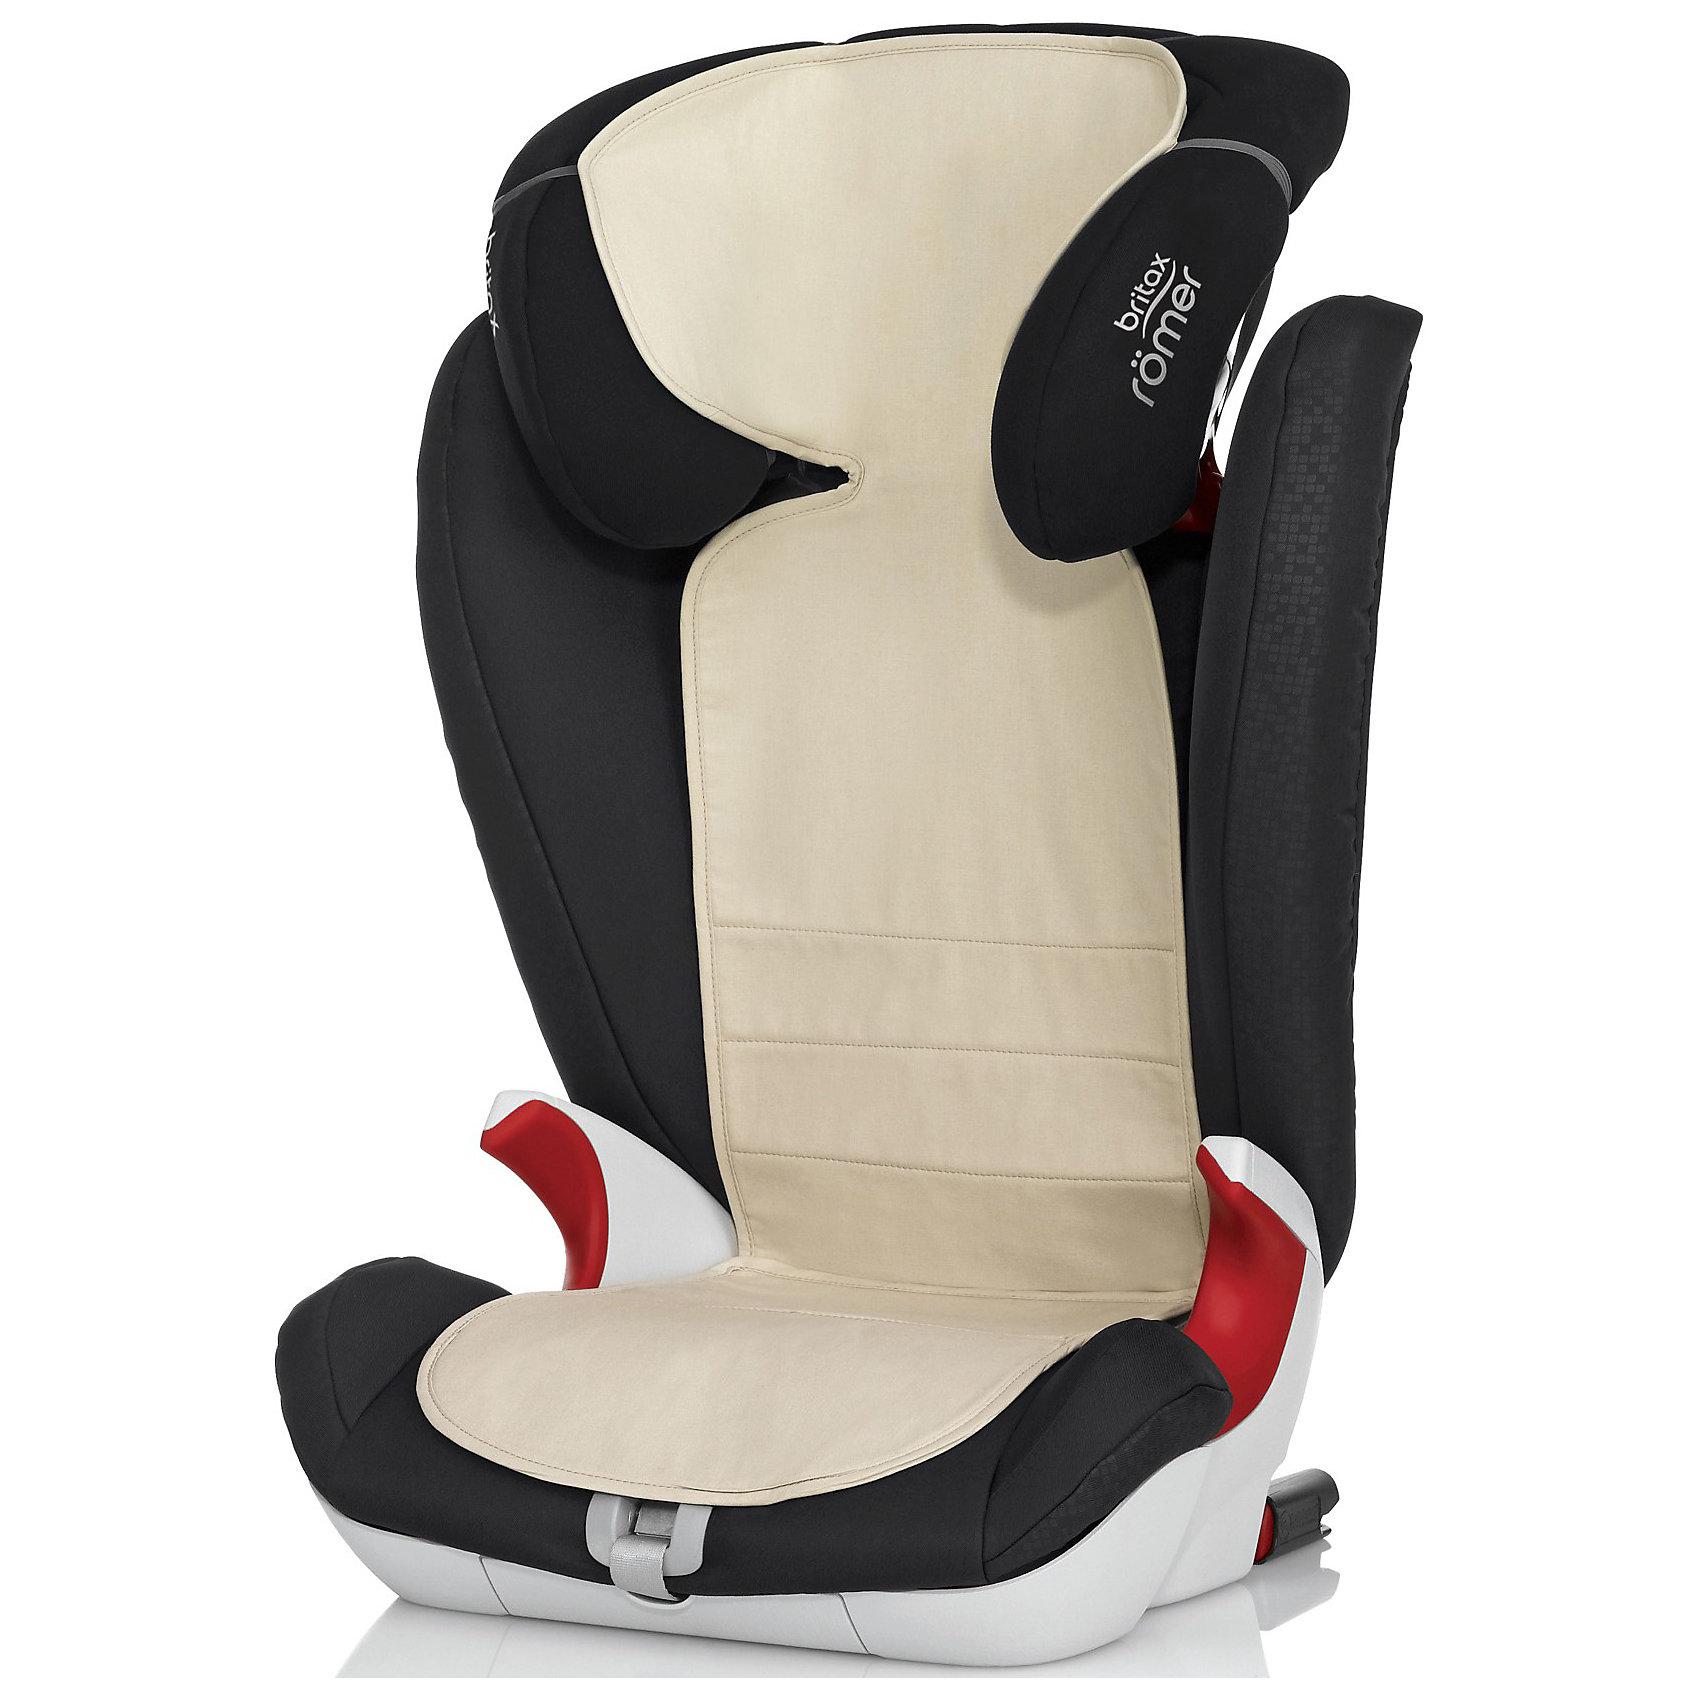 Чехол для детского автомобильного сидения KEEP COOL группа 1,1-2-3, 2-3, Britax R?merМатериал OUTLAST содержит микрогранулы с веществом схожим по свойствам с парафином. Нагреваясь, содержимое микрогранул поглощает излишки тепла, меняя свое состояние и поддерживая комфортную температуру тела ребенка даже в очень жаркий день.<br>Технология: Материал OUTLAST была придуман для защиты тела космонавтов от колебаний температуры в скафандре. Сегодня эта технология получила широкое распространение в обуви, одежде и медицинских изделиях. Чехол Keep Cool идеально подходит сразу для 3 групп автокресел: Группа 1, Группа 2-3, Группа 1-2-3.<br>Совместим с креслами Romer: KING Plus, VERSAFIX,KING II LS, KING II ATS, KING II , TRIFIX, EVOLVA 123 Plus, KIDFIX, KIDFIX XP SICT,  KIDFIX XP, KIDFIX SL, KIDFIX SL SICT, KID II<br><br>Ширина мм: 260<br>Глубина мм: 380<br>Высота мм: 35<br>Вес г: 272<br>Возраст от месяцев: 0<br>Возраст до месяцев: 144<br>Пол: Унисекс<br>Возраст: Детский<br>SKU: 3500172